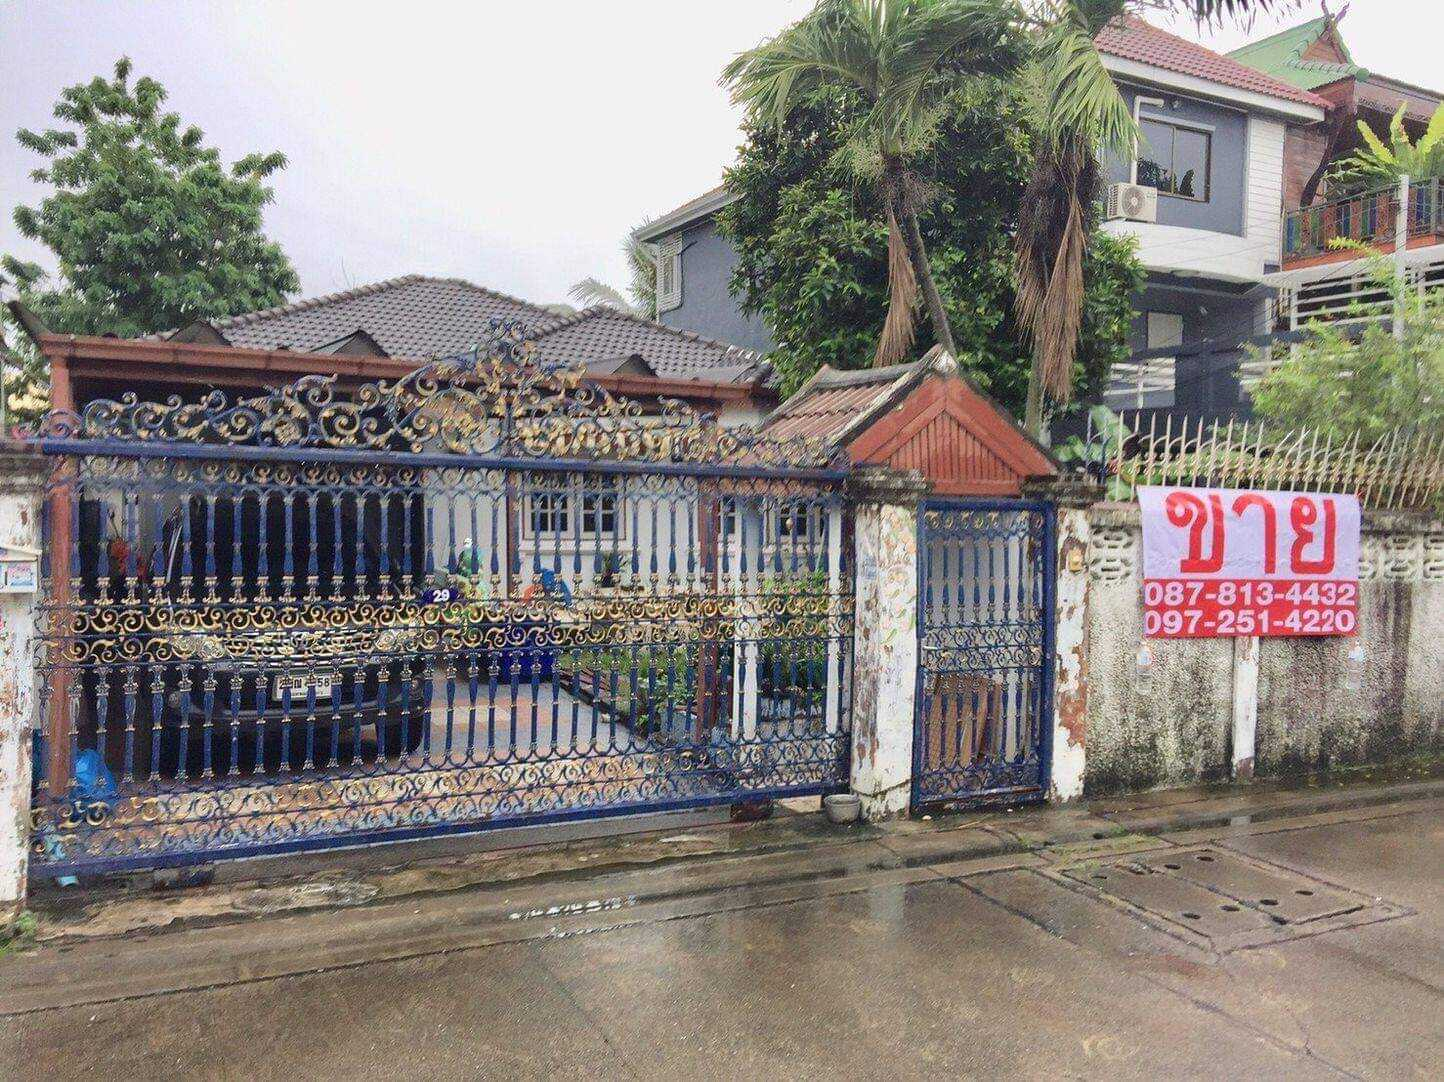 ขายบ้านมือสอง ย่านแคราย-นนทบุรี ซอยเรวดี43 ทำเลดี ตรงข้ามกระทรวงสาธารณะสุข รถไฟฟ้าหัวท้ายซอย